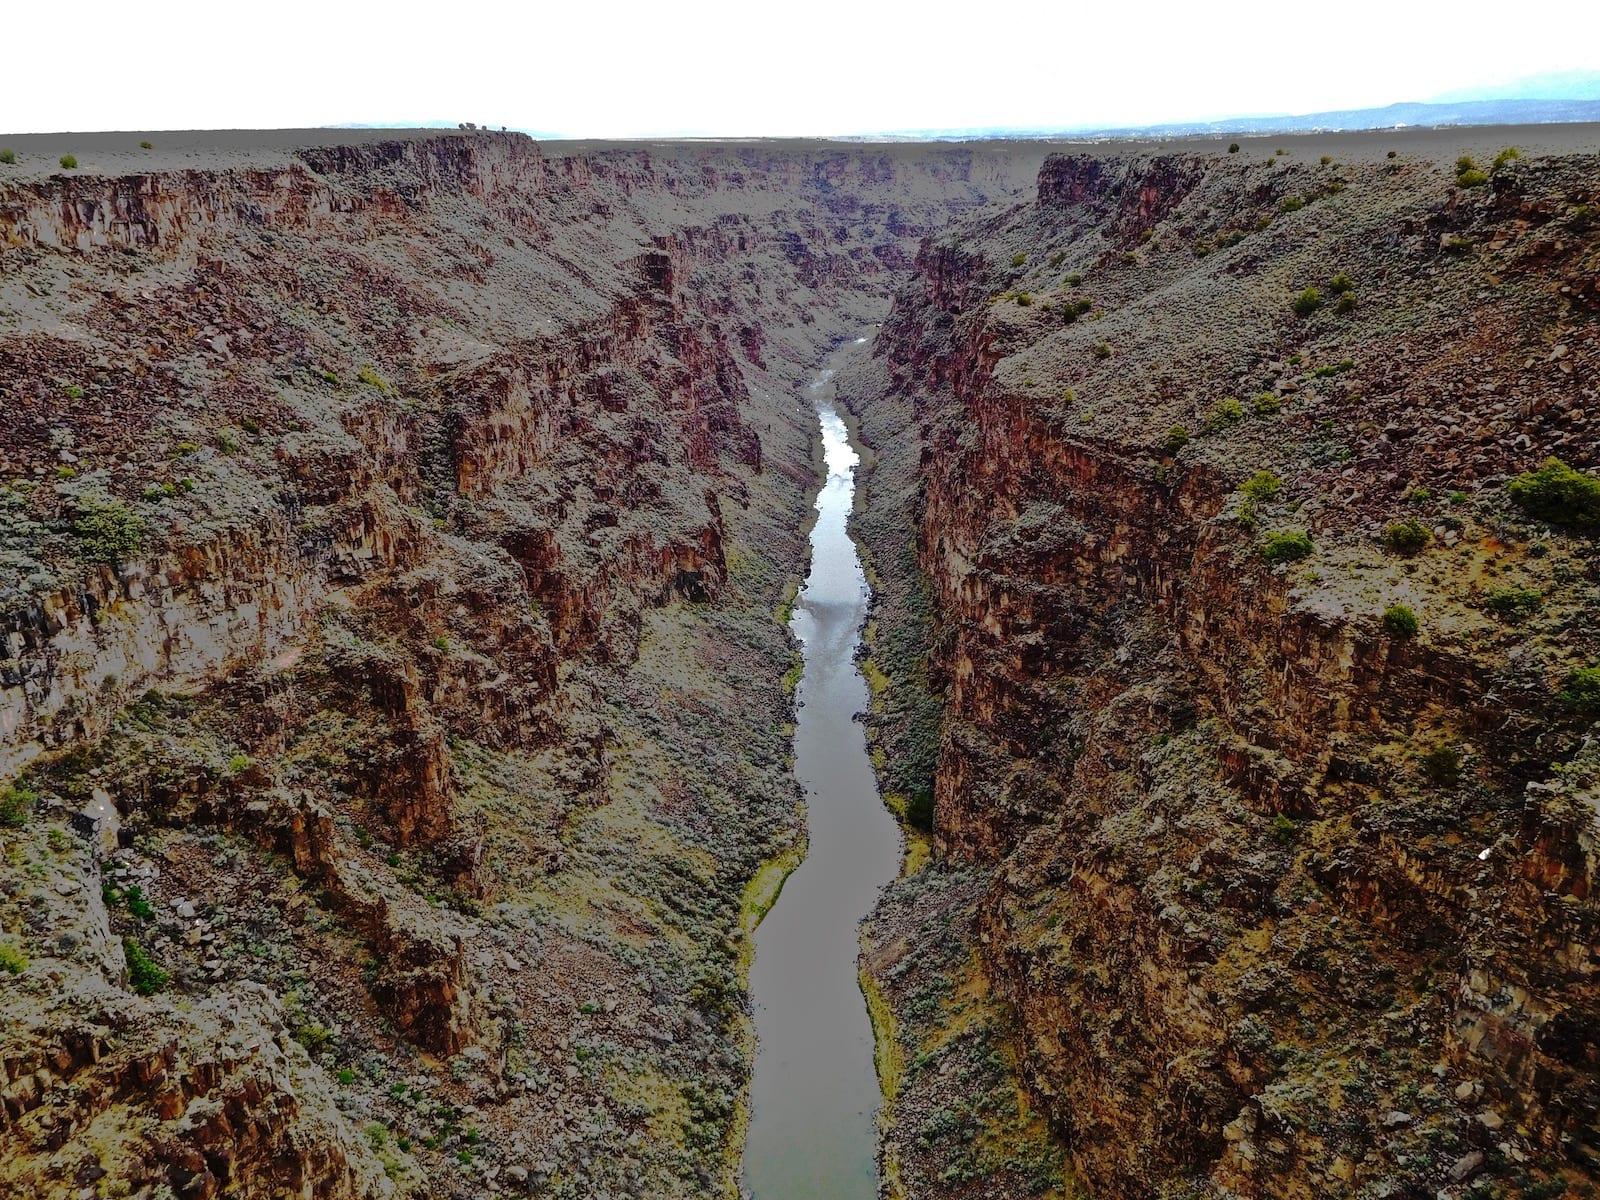 Rio Grande Gorge river in Mexico